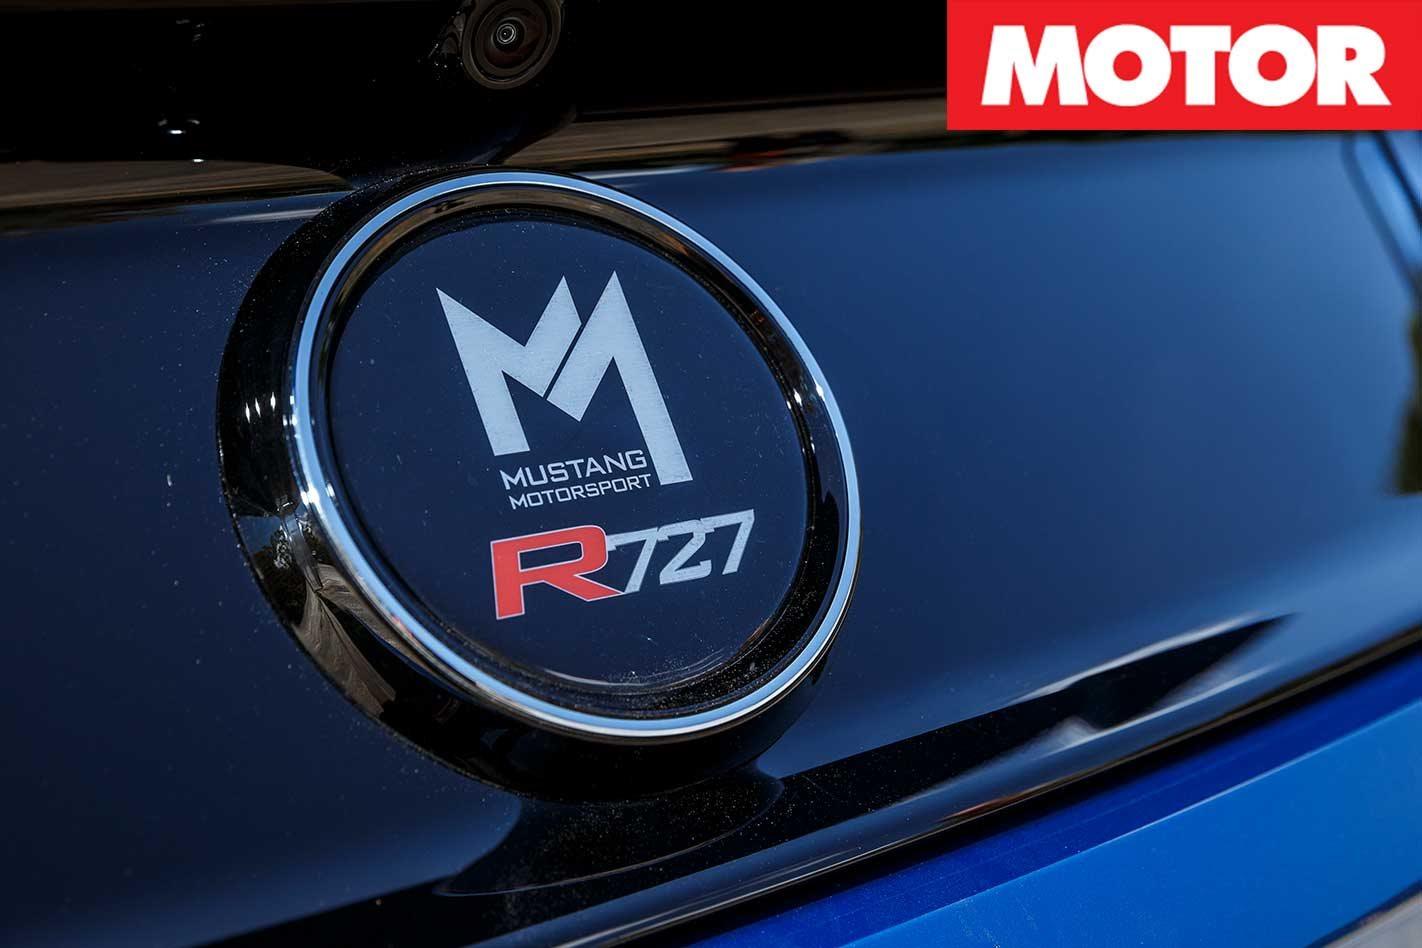 Mustang motorsport r727 road review motor biocorpaavc Gallery